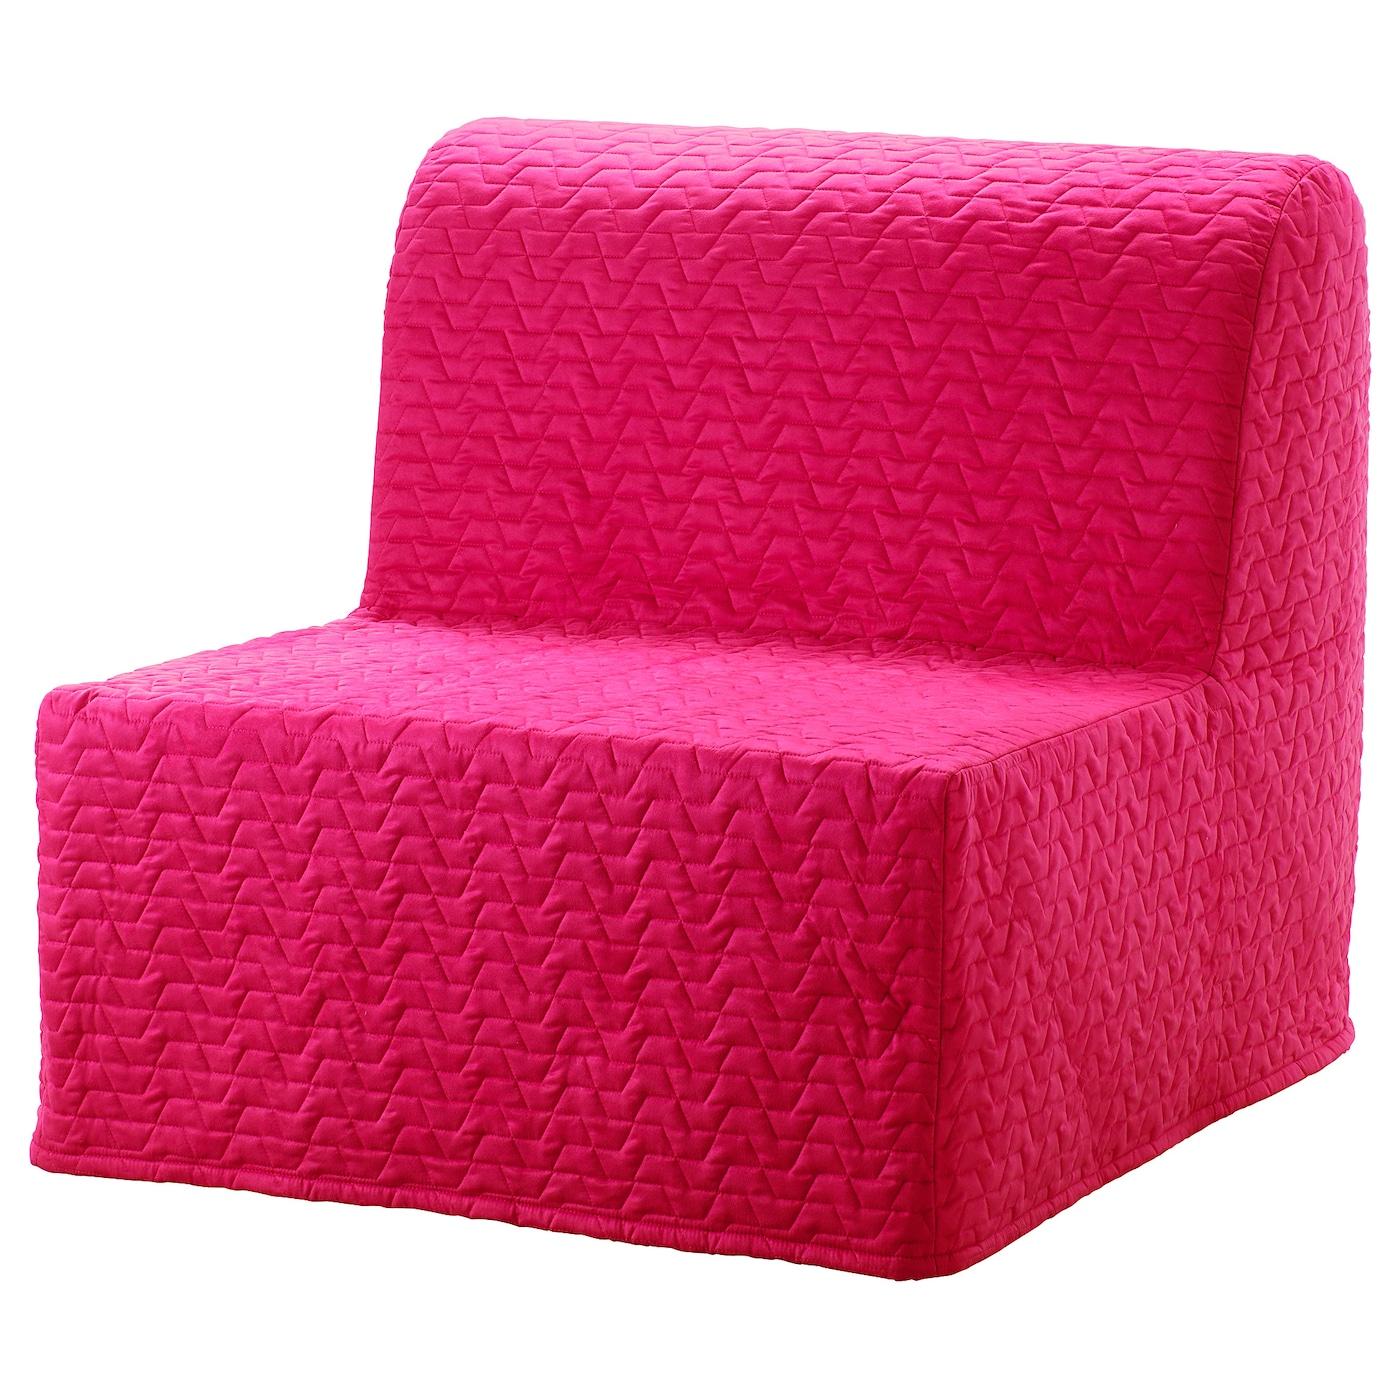 IKEA LYCKSELE LÖVÅS Fotel rozkładany, Vallarum amarantowy